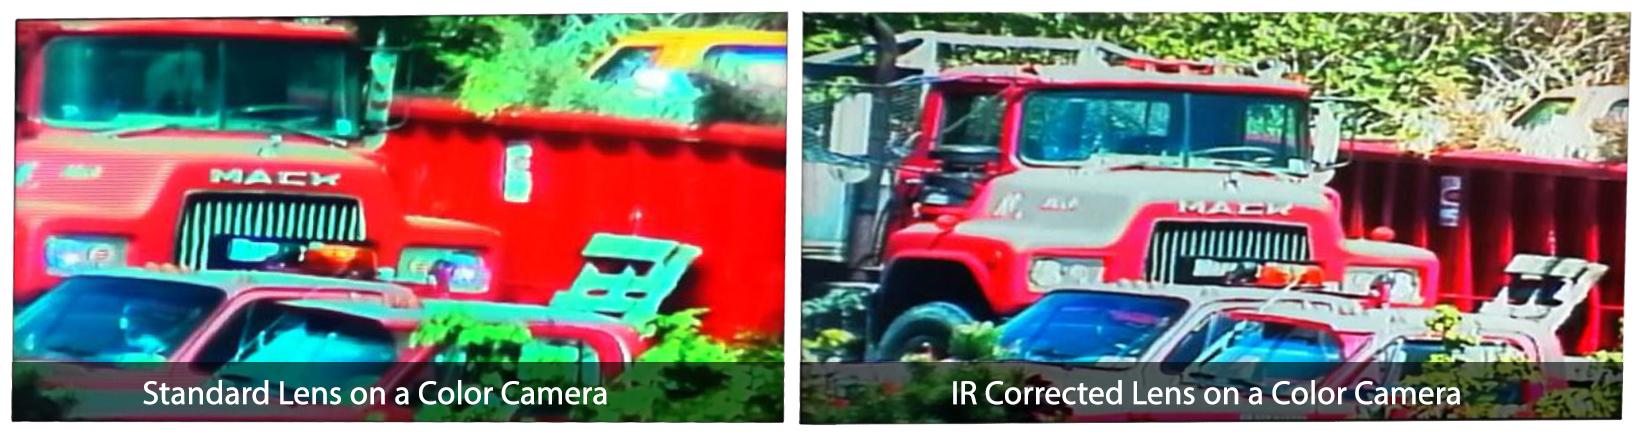 truck_comparison